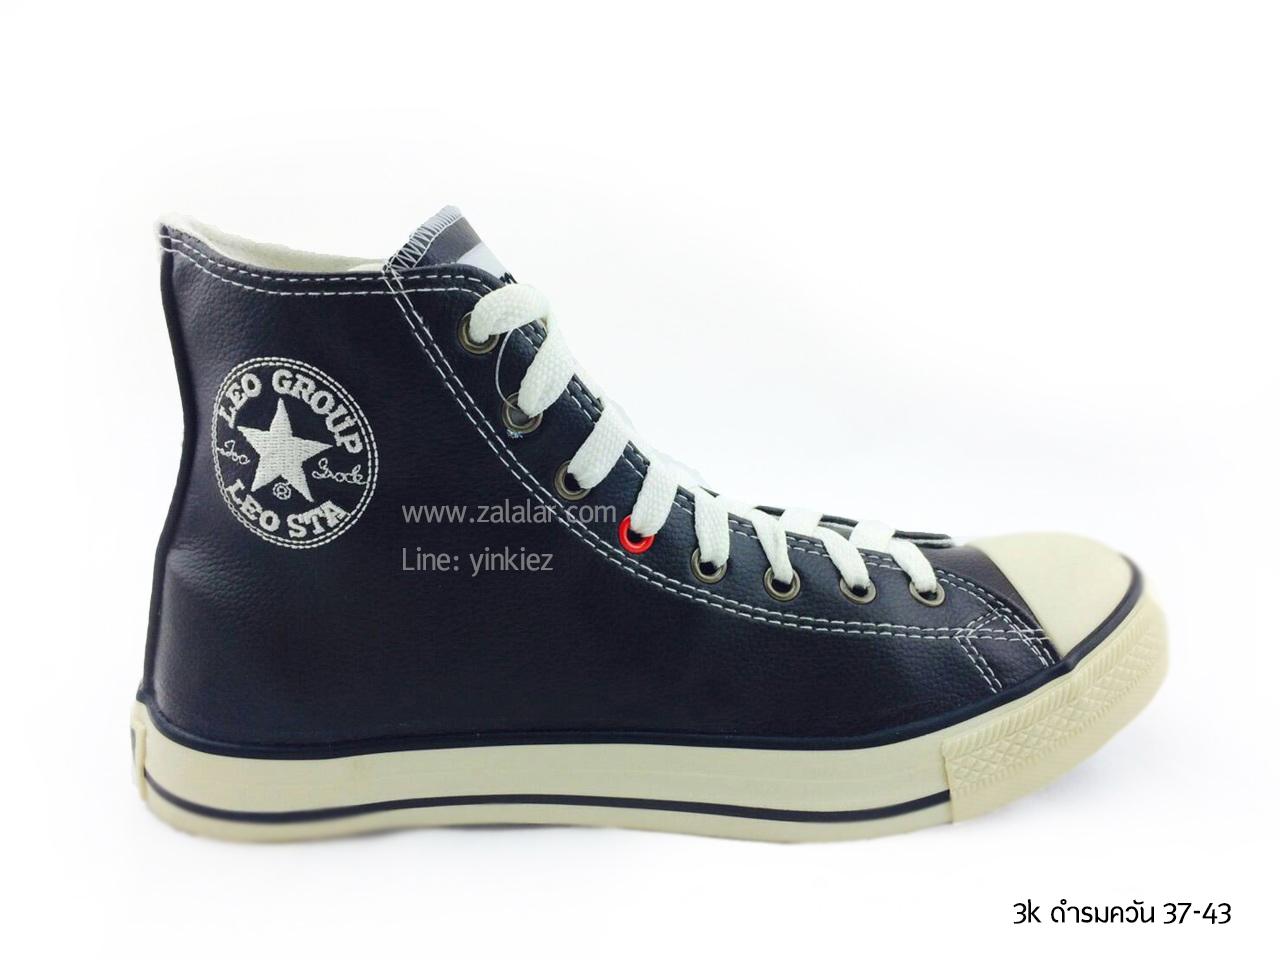 [พร้อมส่ง] รองเท้าผ้าใบแฟชั่น (หุ้มข้อ) รุ่น 3K สีดำ รมควัน แบบหนัง